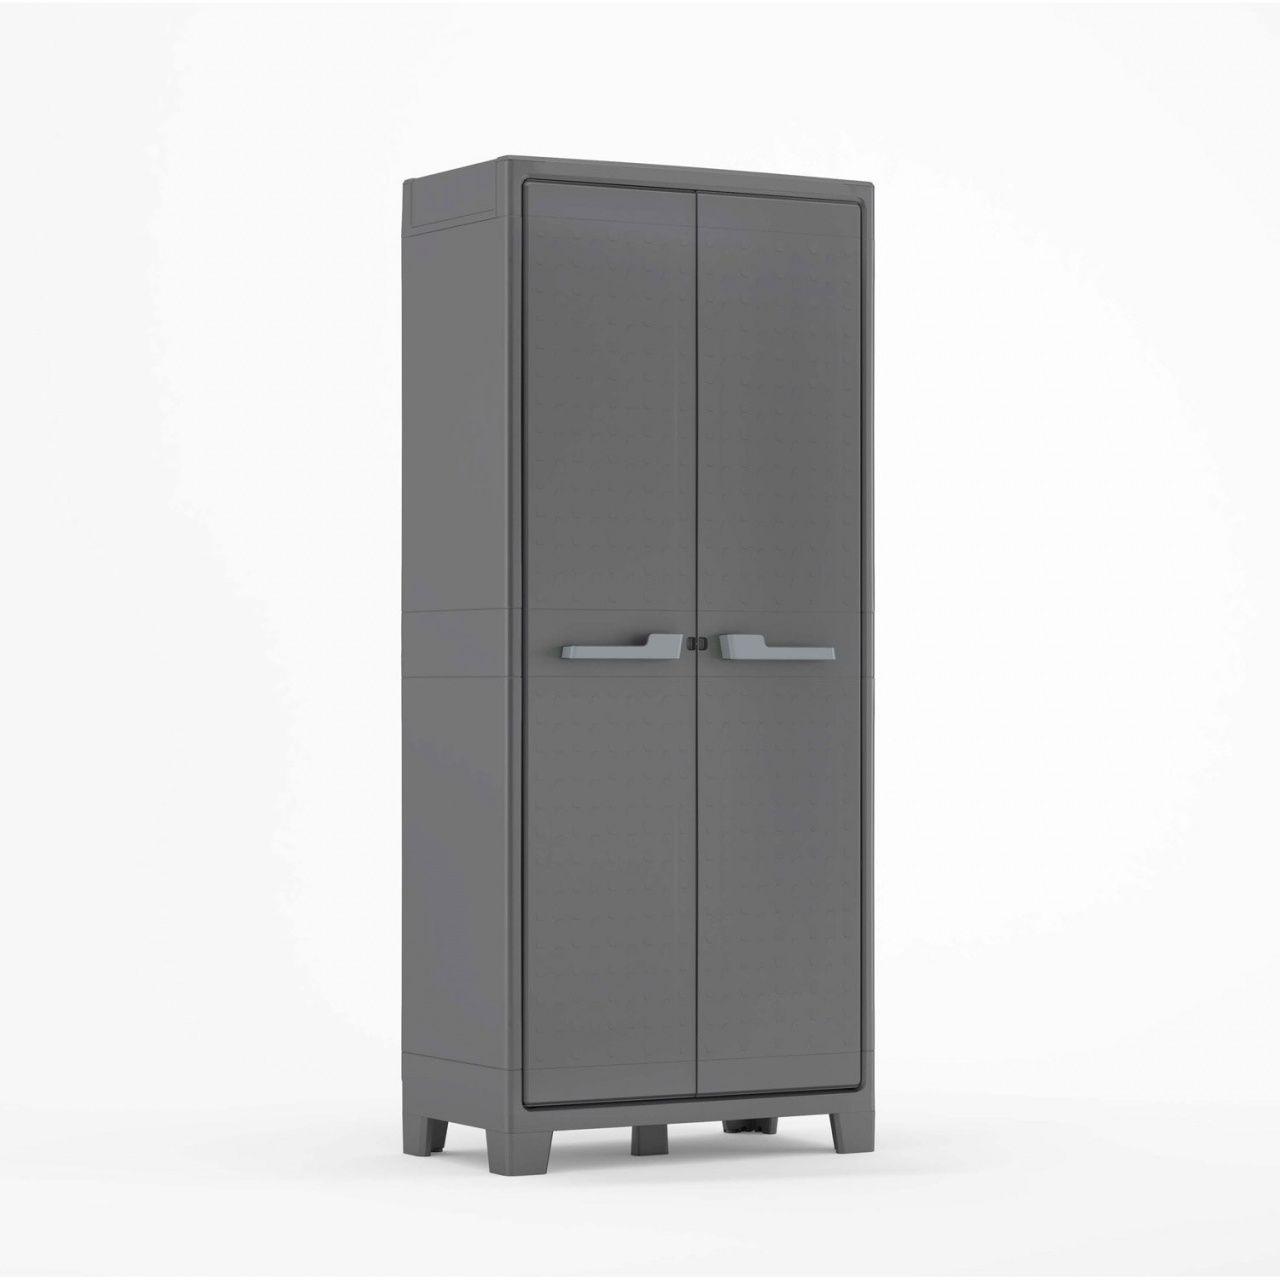 55 Armoire De Rangement Exterieur Brico Depot | Tall Cabinet ... pour Armoire De Jardin Ikea